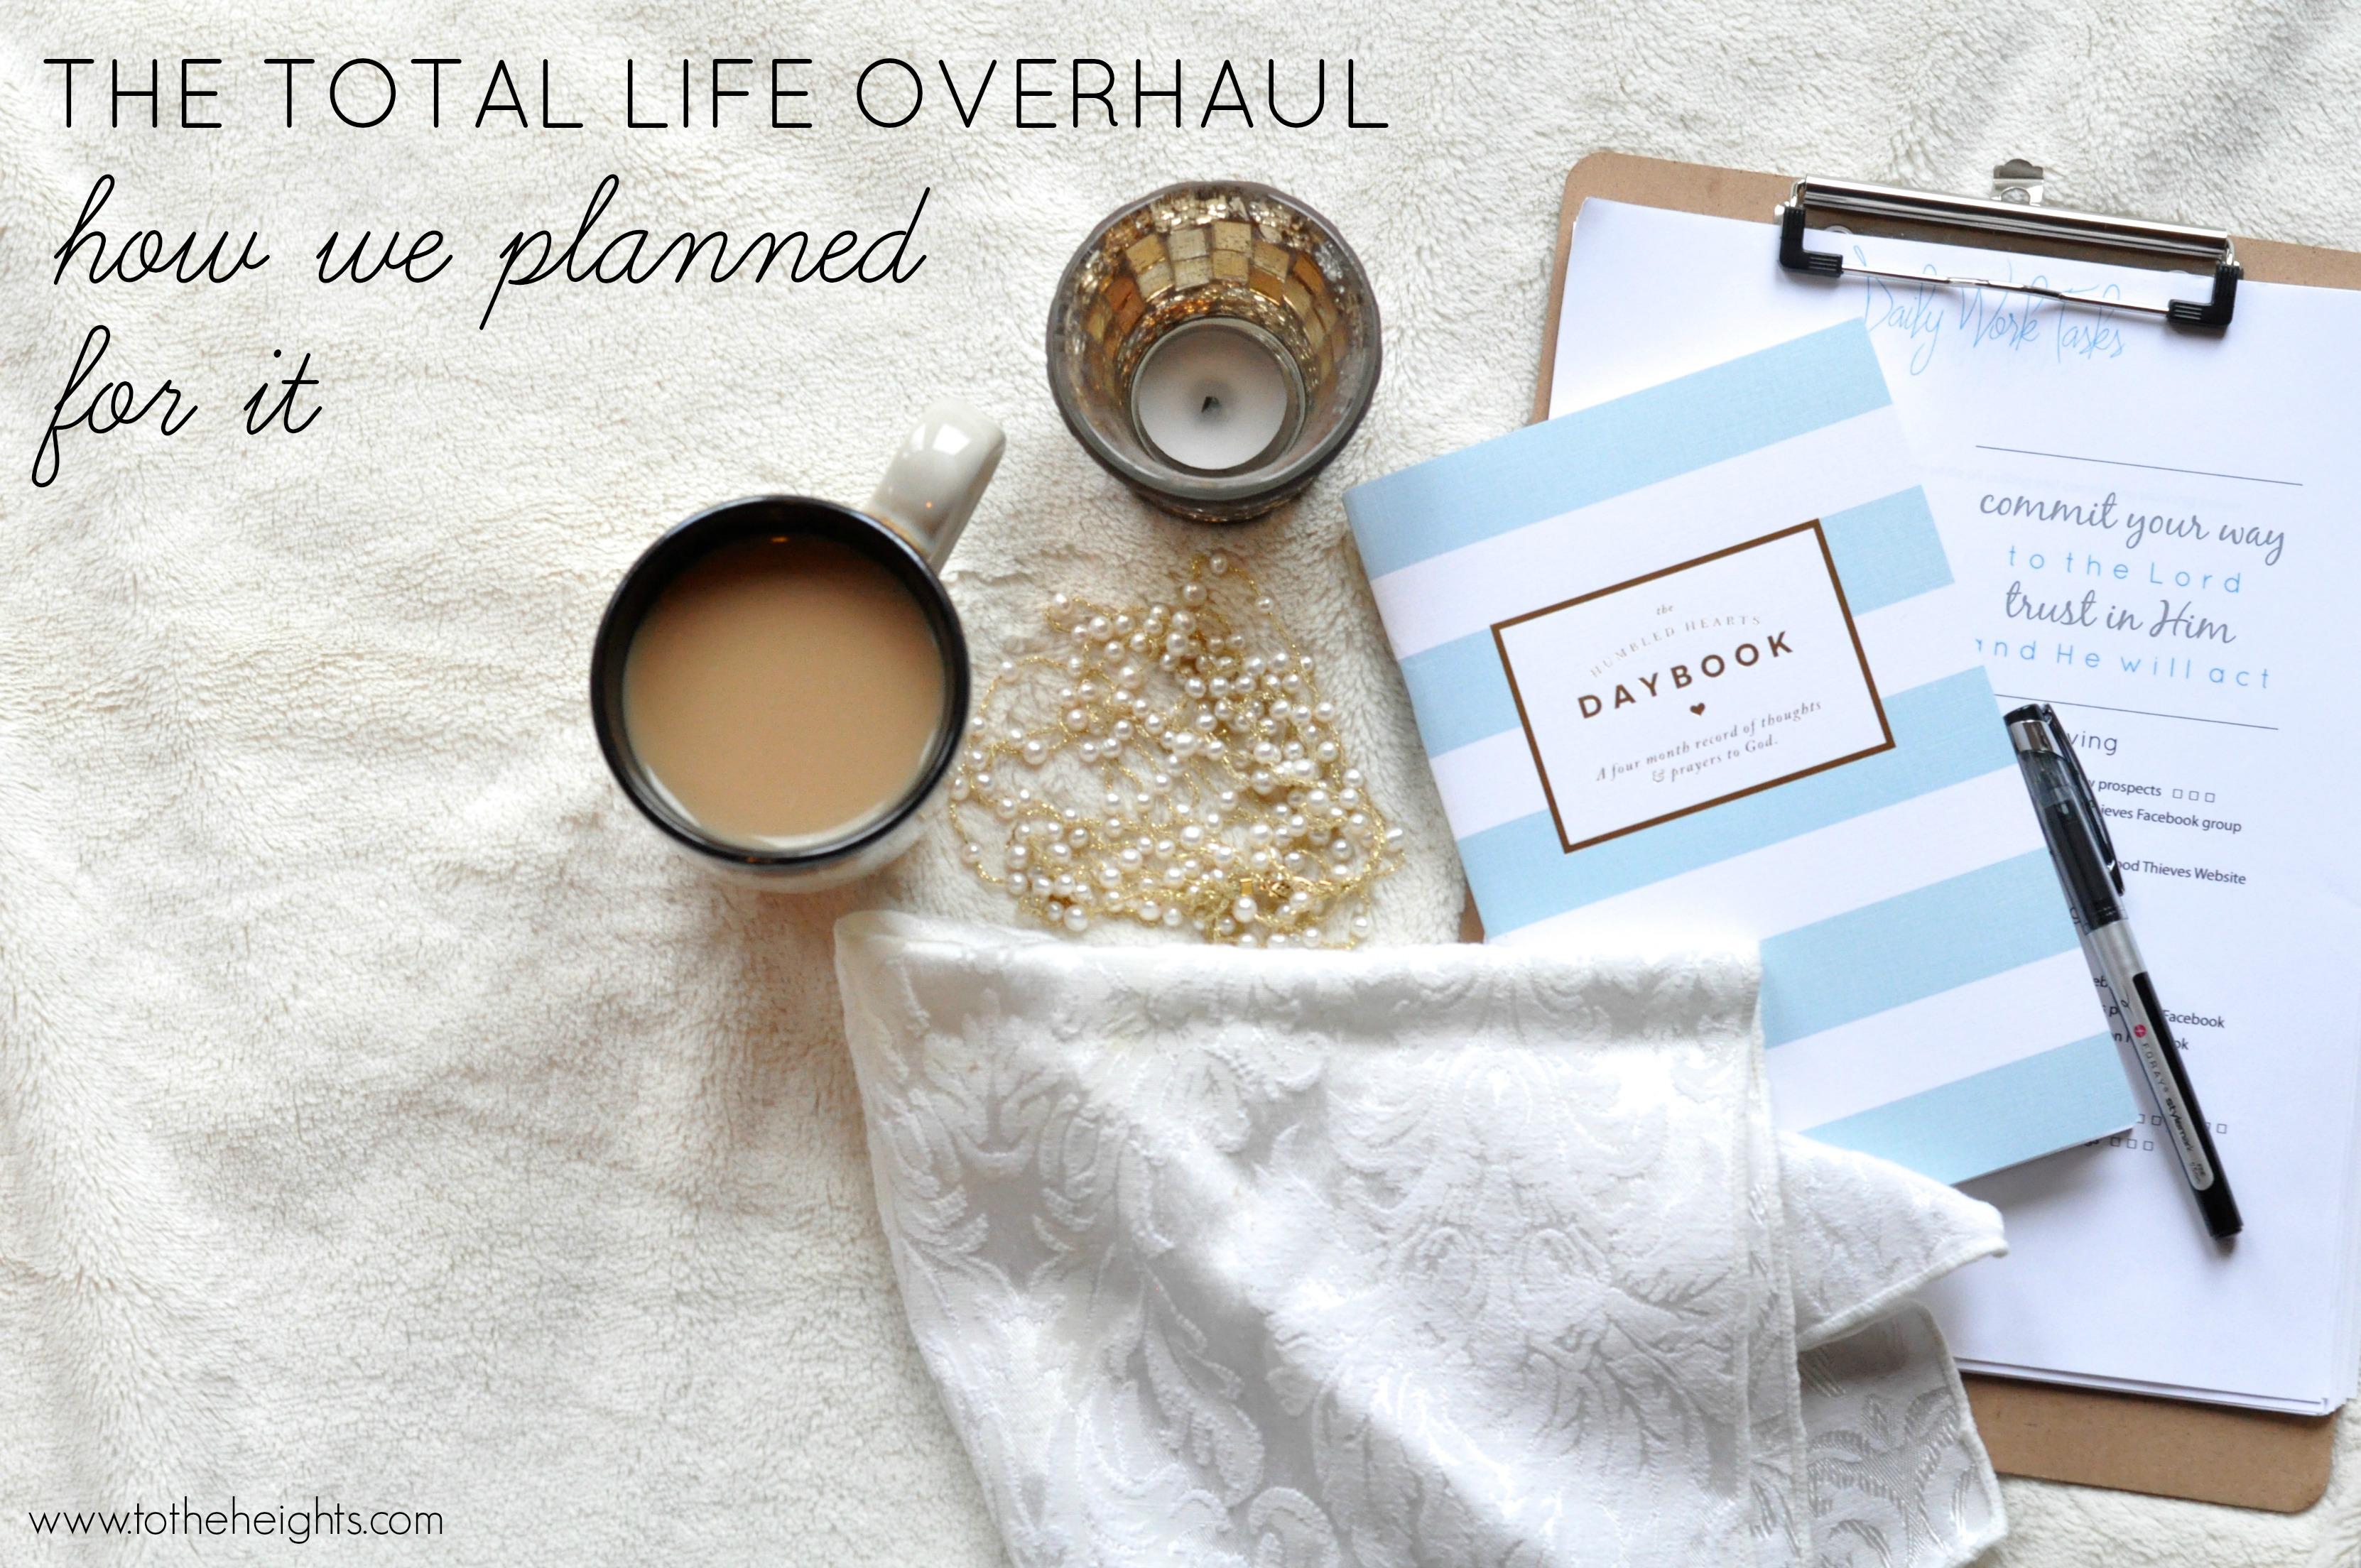 life-overhaul-planning